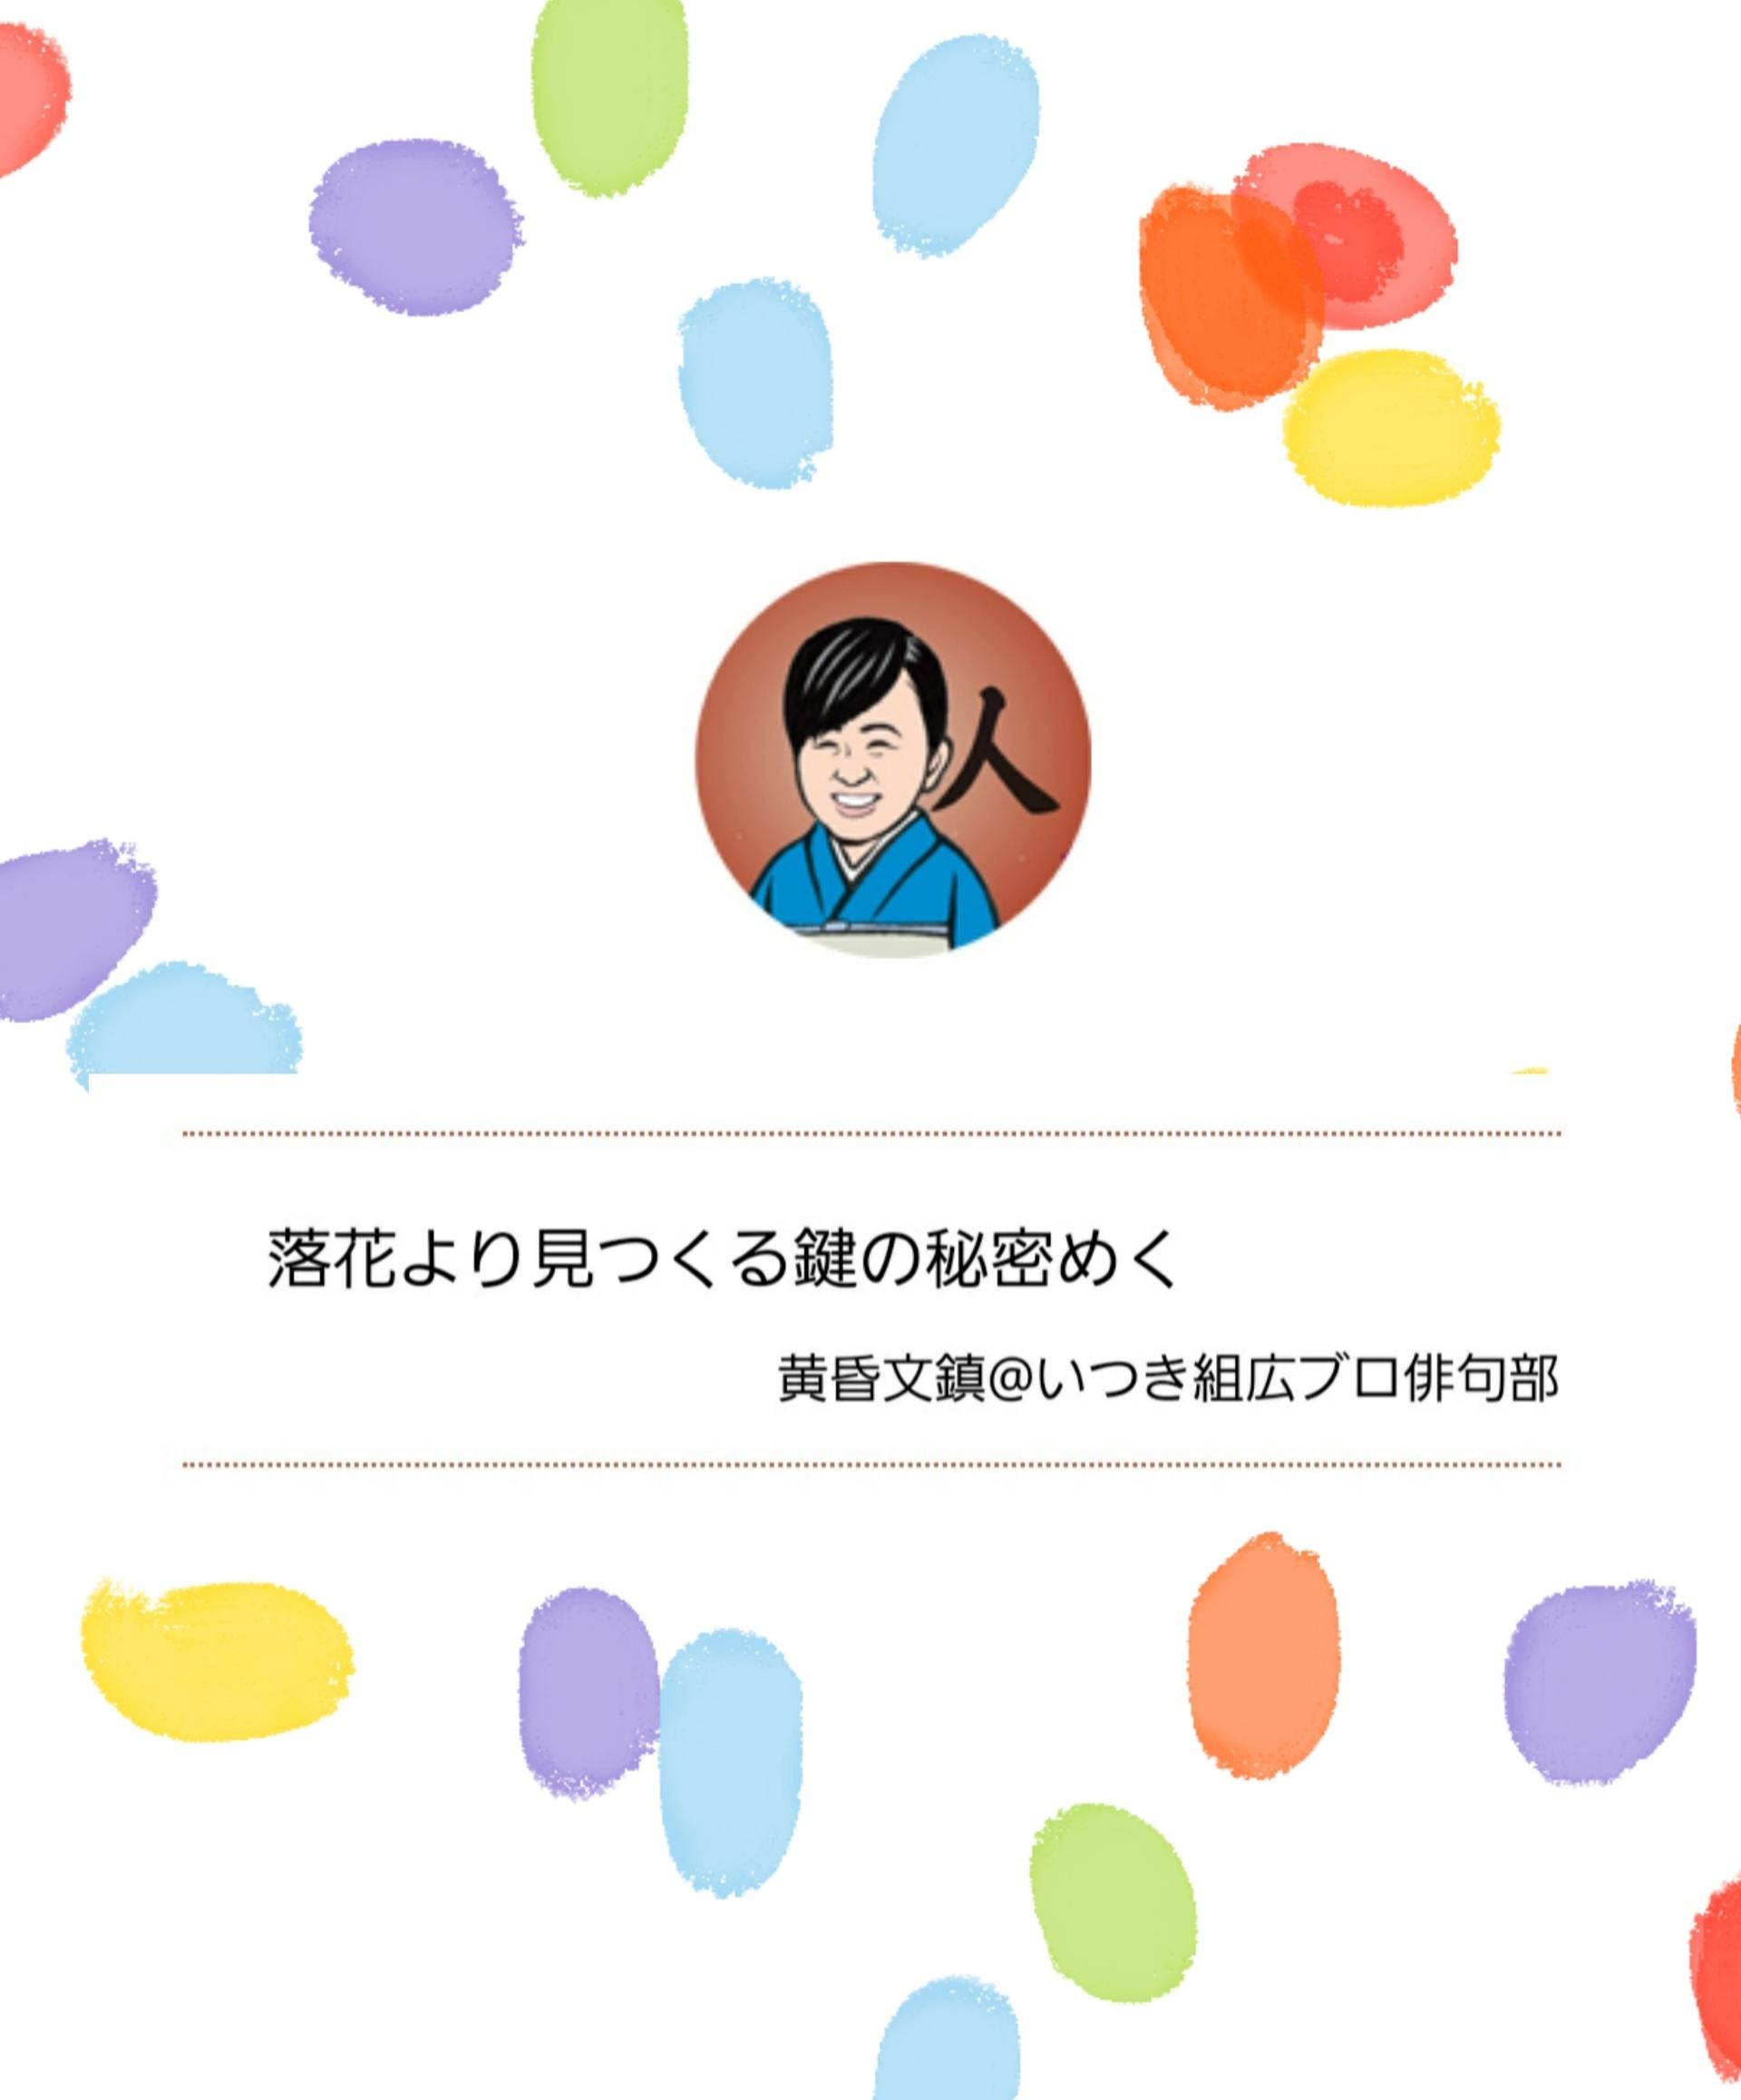 6月の株目標あっさり達成!!(゜ロ゜ノ)ノ&通販生活俳句『落花』_f0395324_12585986.jpg